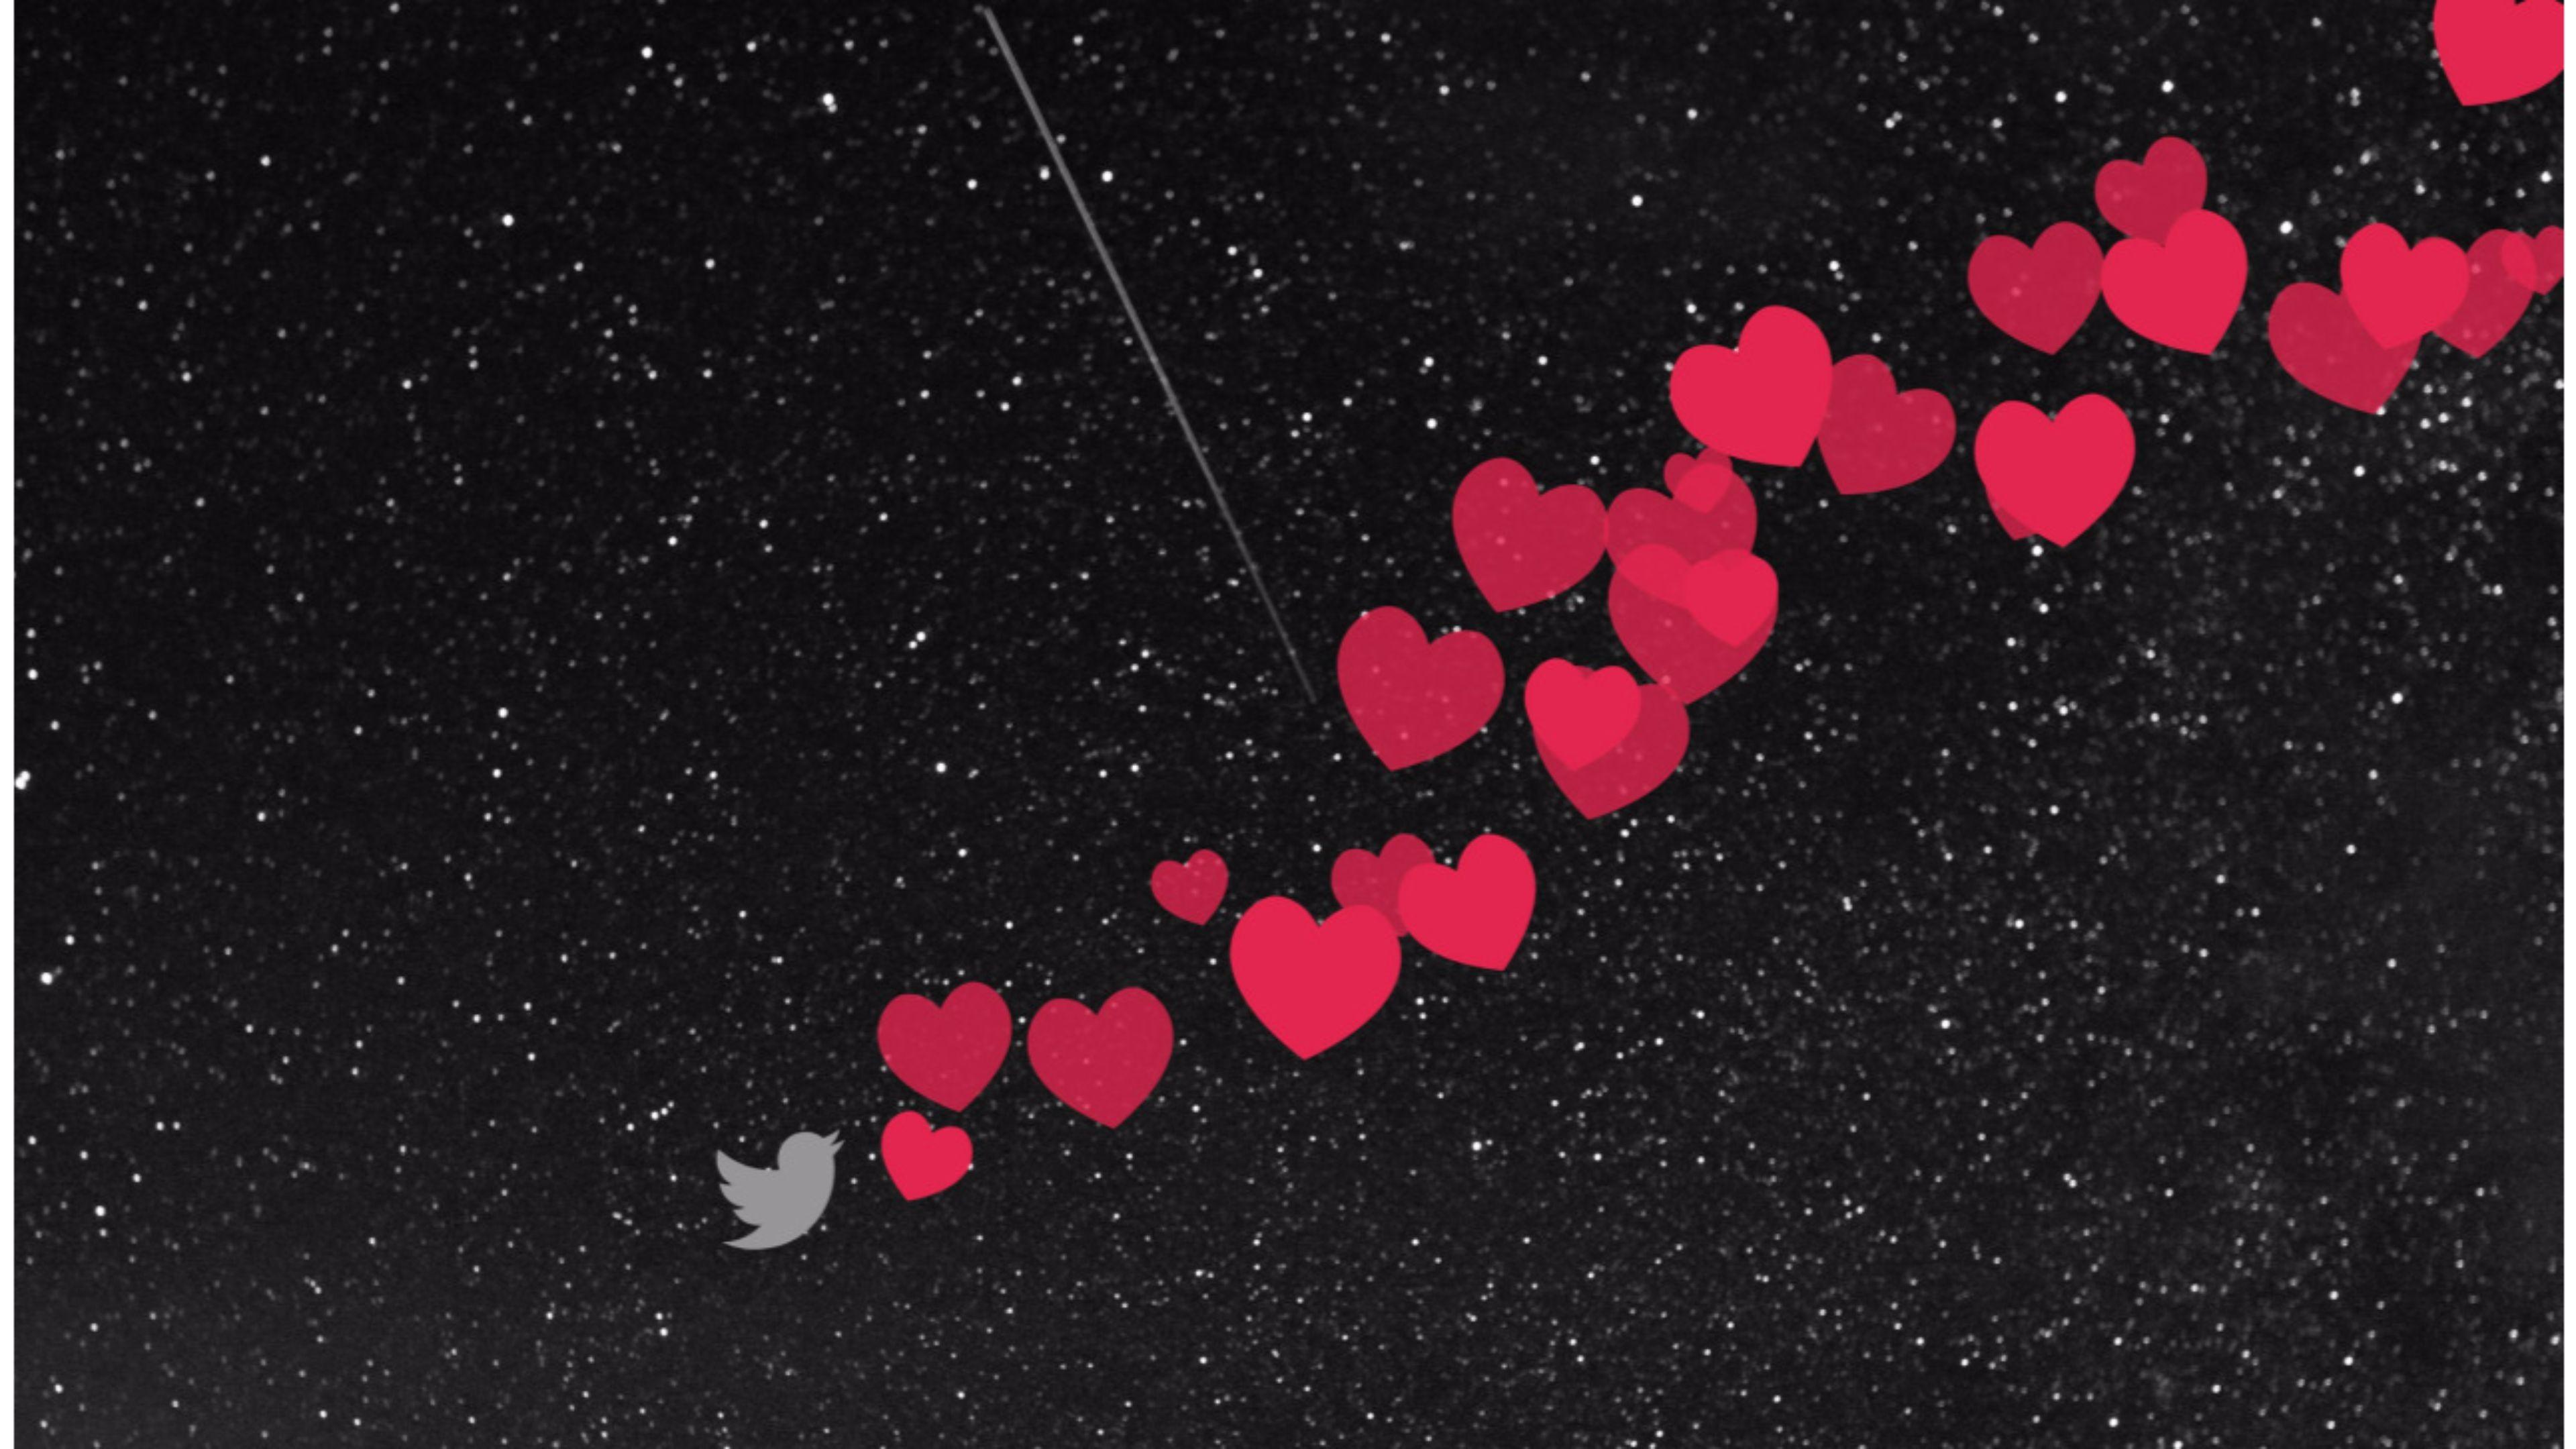 Flying Hearts 4k Love Wallpaper   Data-src - 4k For Mobile Love - HD Wallpaper